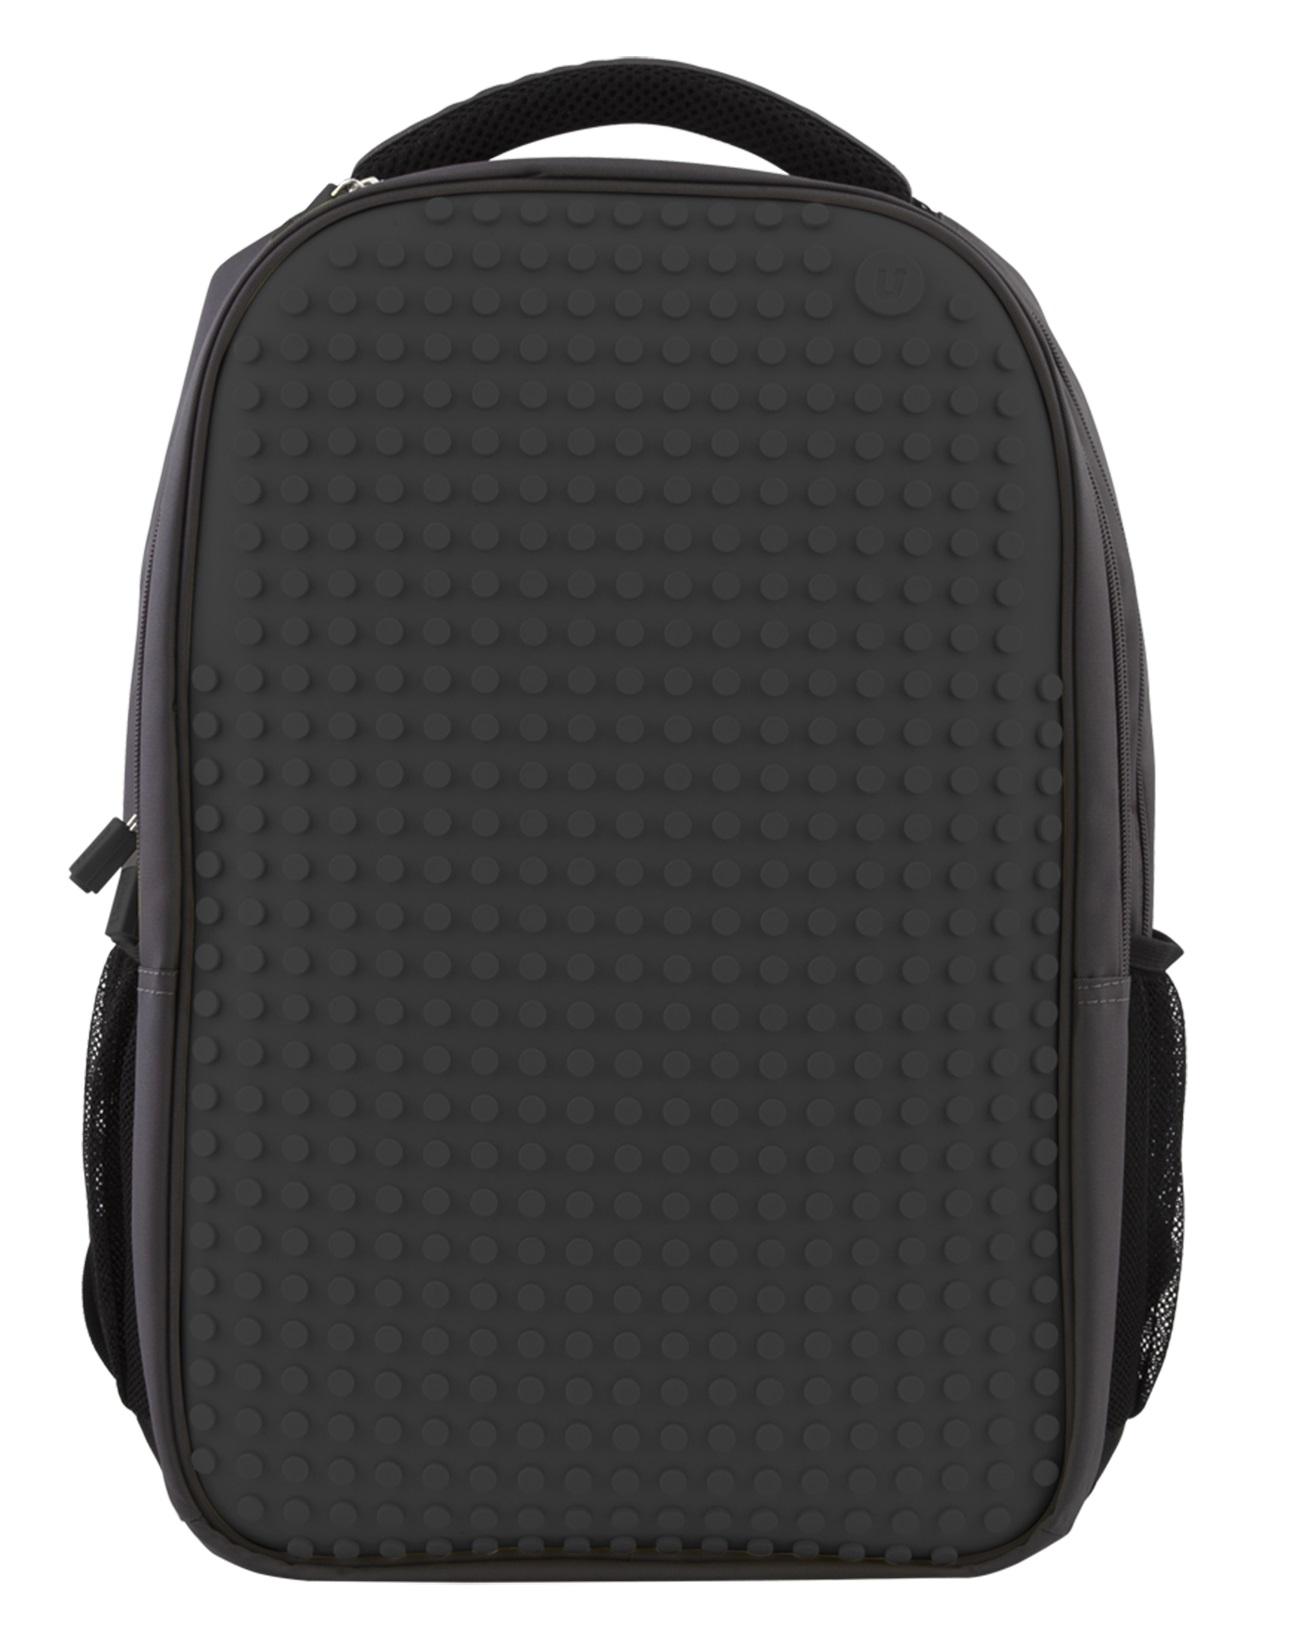 Пиксельный рюкзак для ноутбука (Full Screen Biz Backpack/Laptop bag) WY-A009 (Черный)Представляем вашему вниманию пиксельный рюкзак для ноутбука (Full Screen Biz Backpack/Laptop bag) WY-A009, имеющий силиконовую панель, на которой с помощью «пикселей» в виде мозаики выкладывается абсолютно любой рисунок.<br>